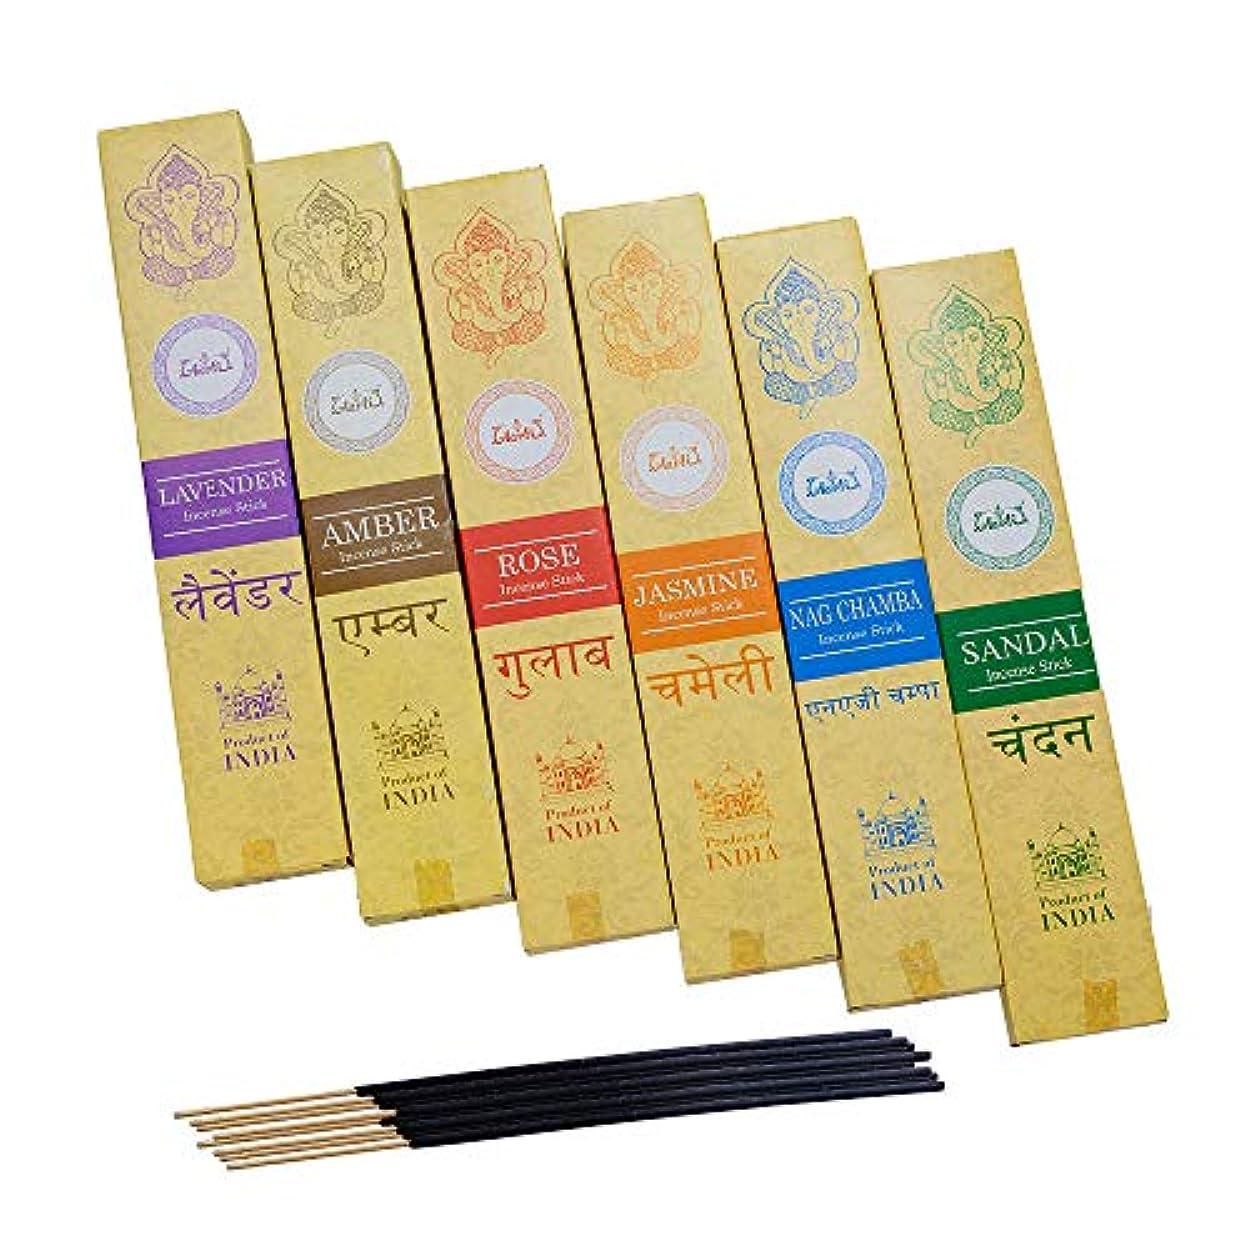 ブランデーコストガロン神戸アールティー インド お香 6種類 セット スティック インセンス